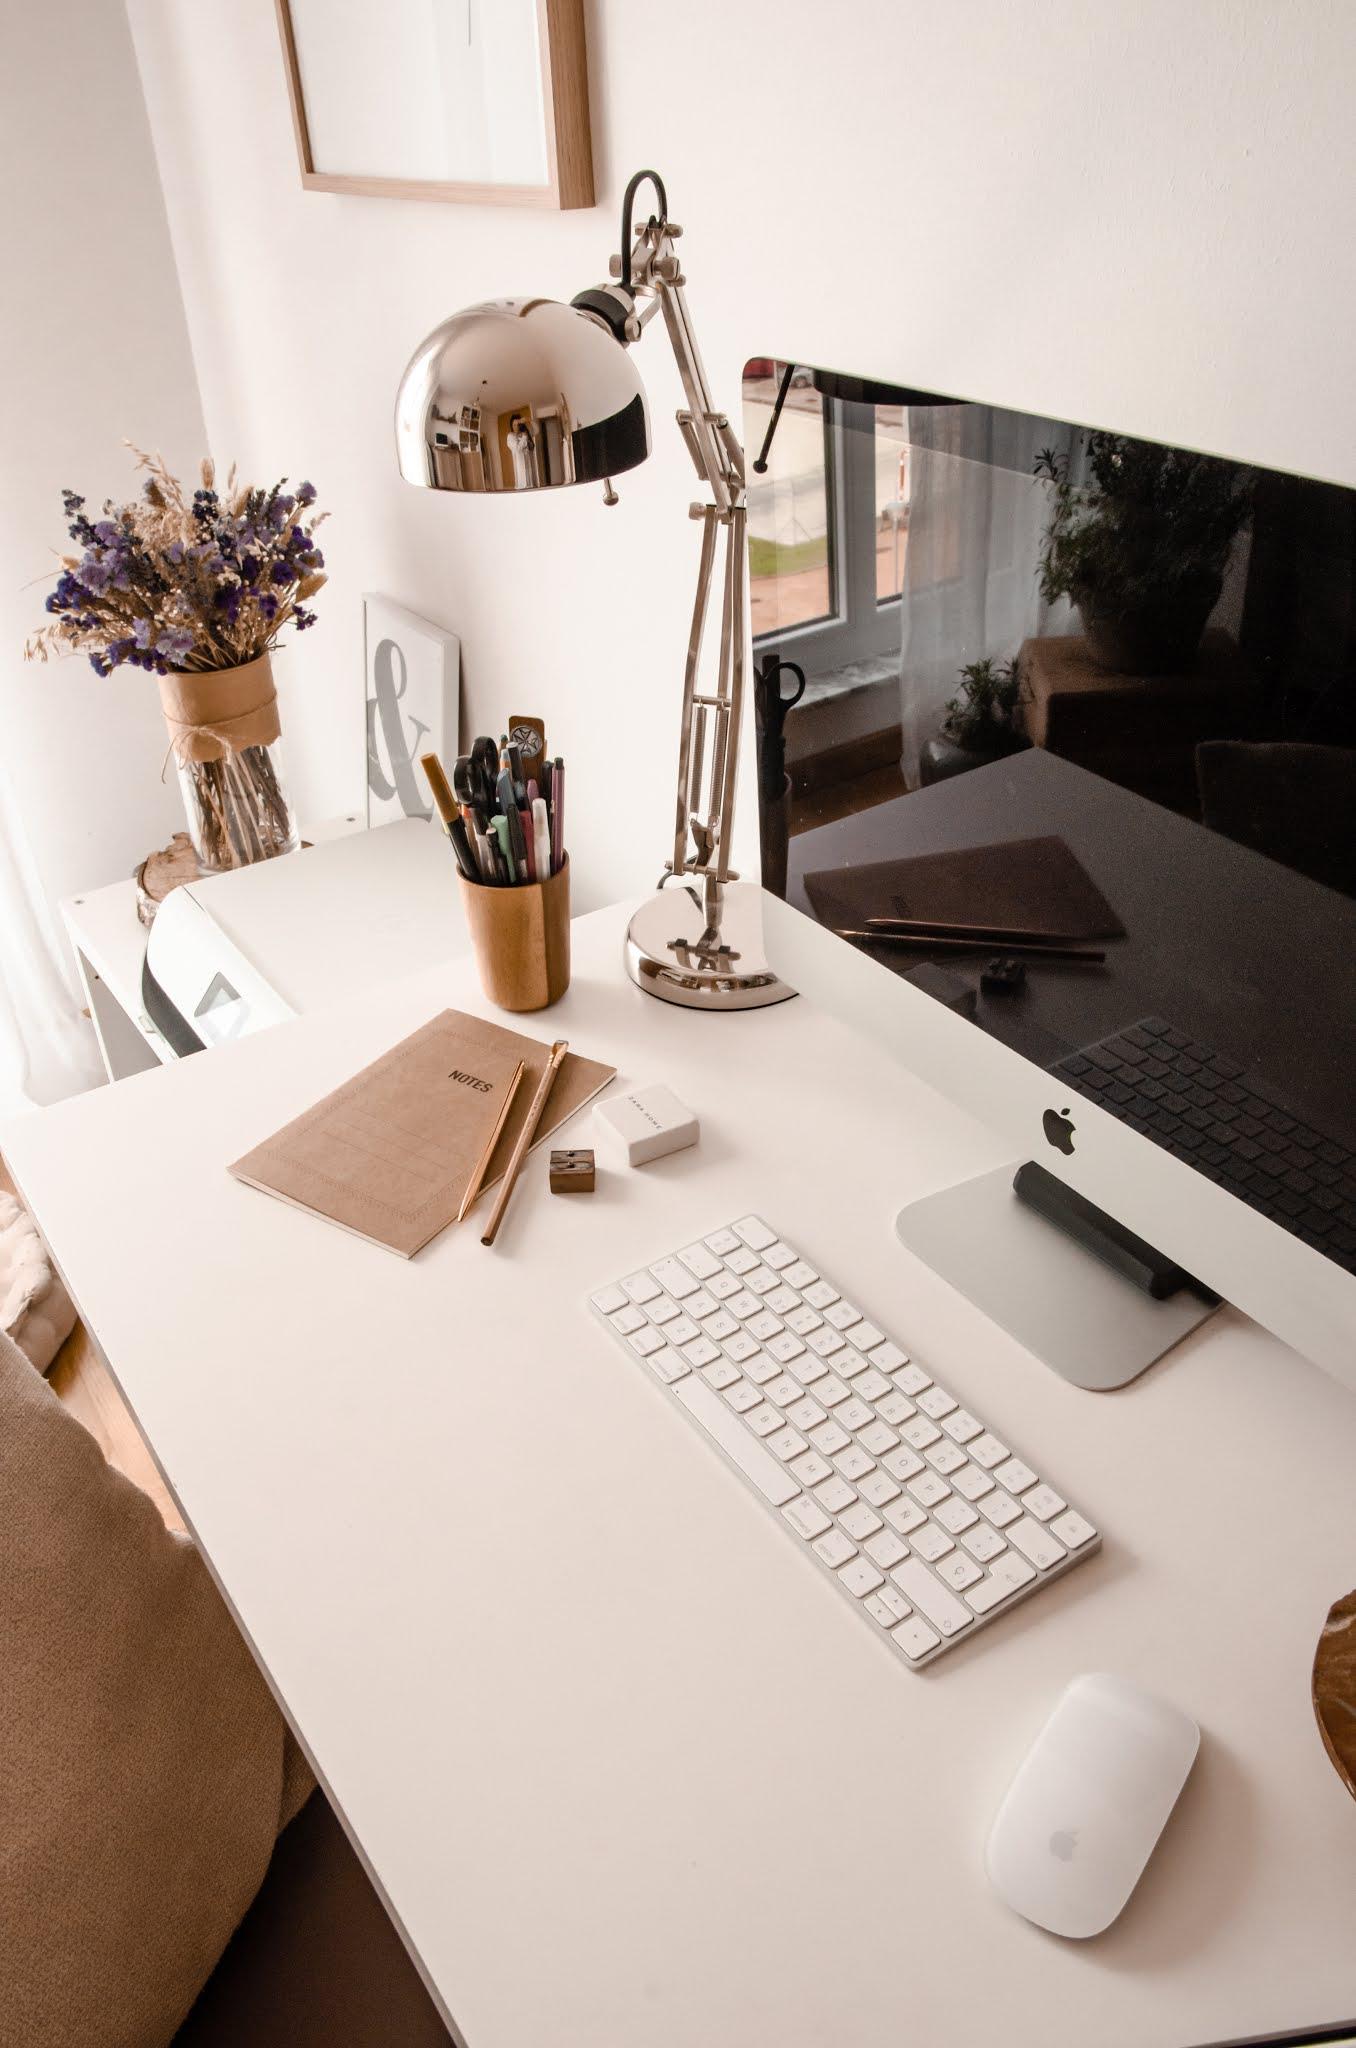 decoración de oficina estilo rústico minimalista